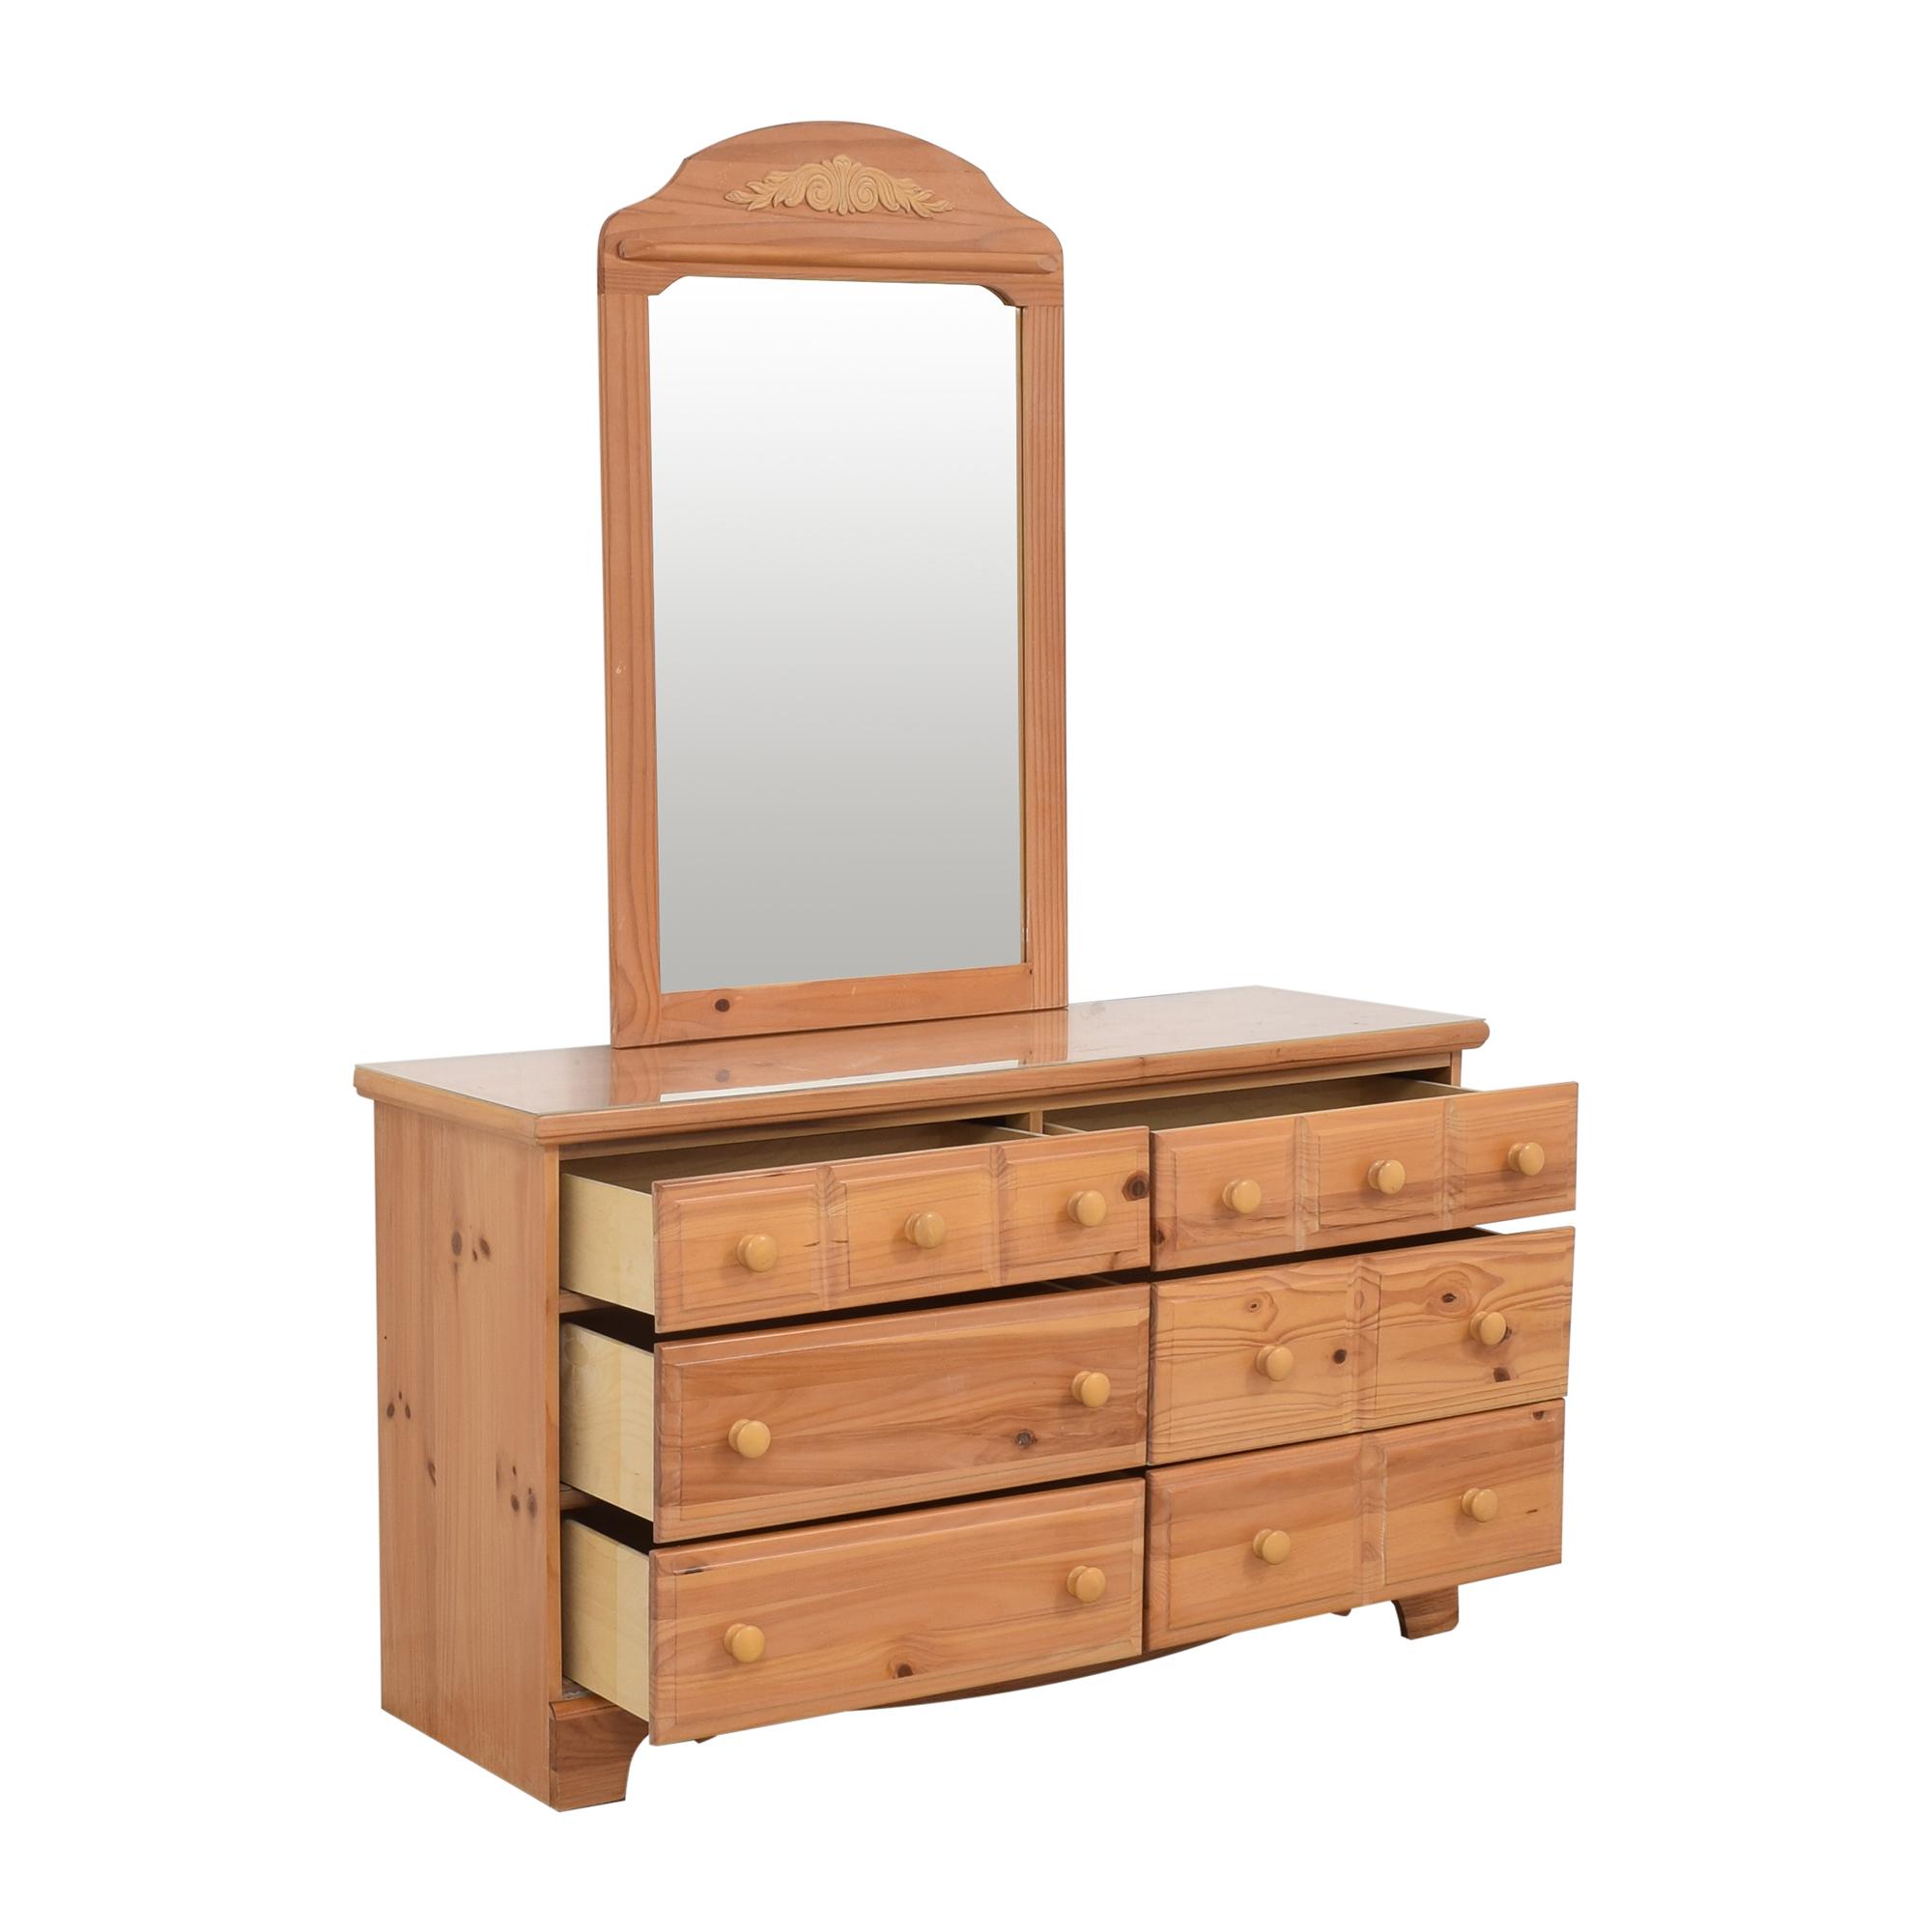 Vaughan-Bassett Vaughan-Bassett Six Drawer Dresser and Mirror nyc